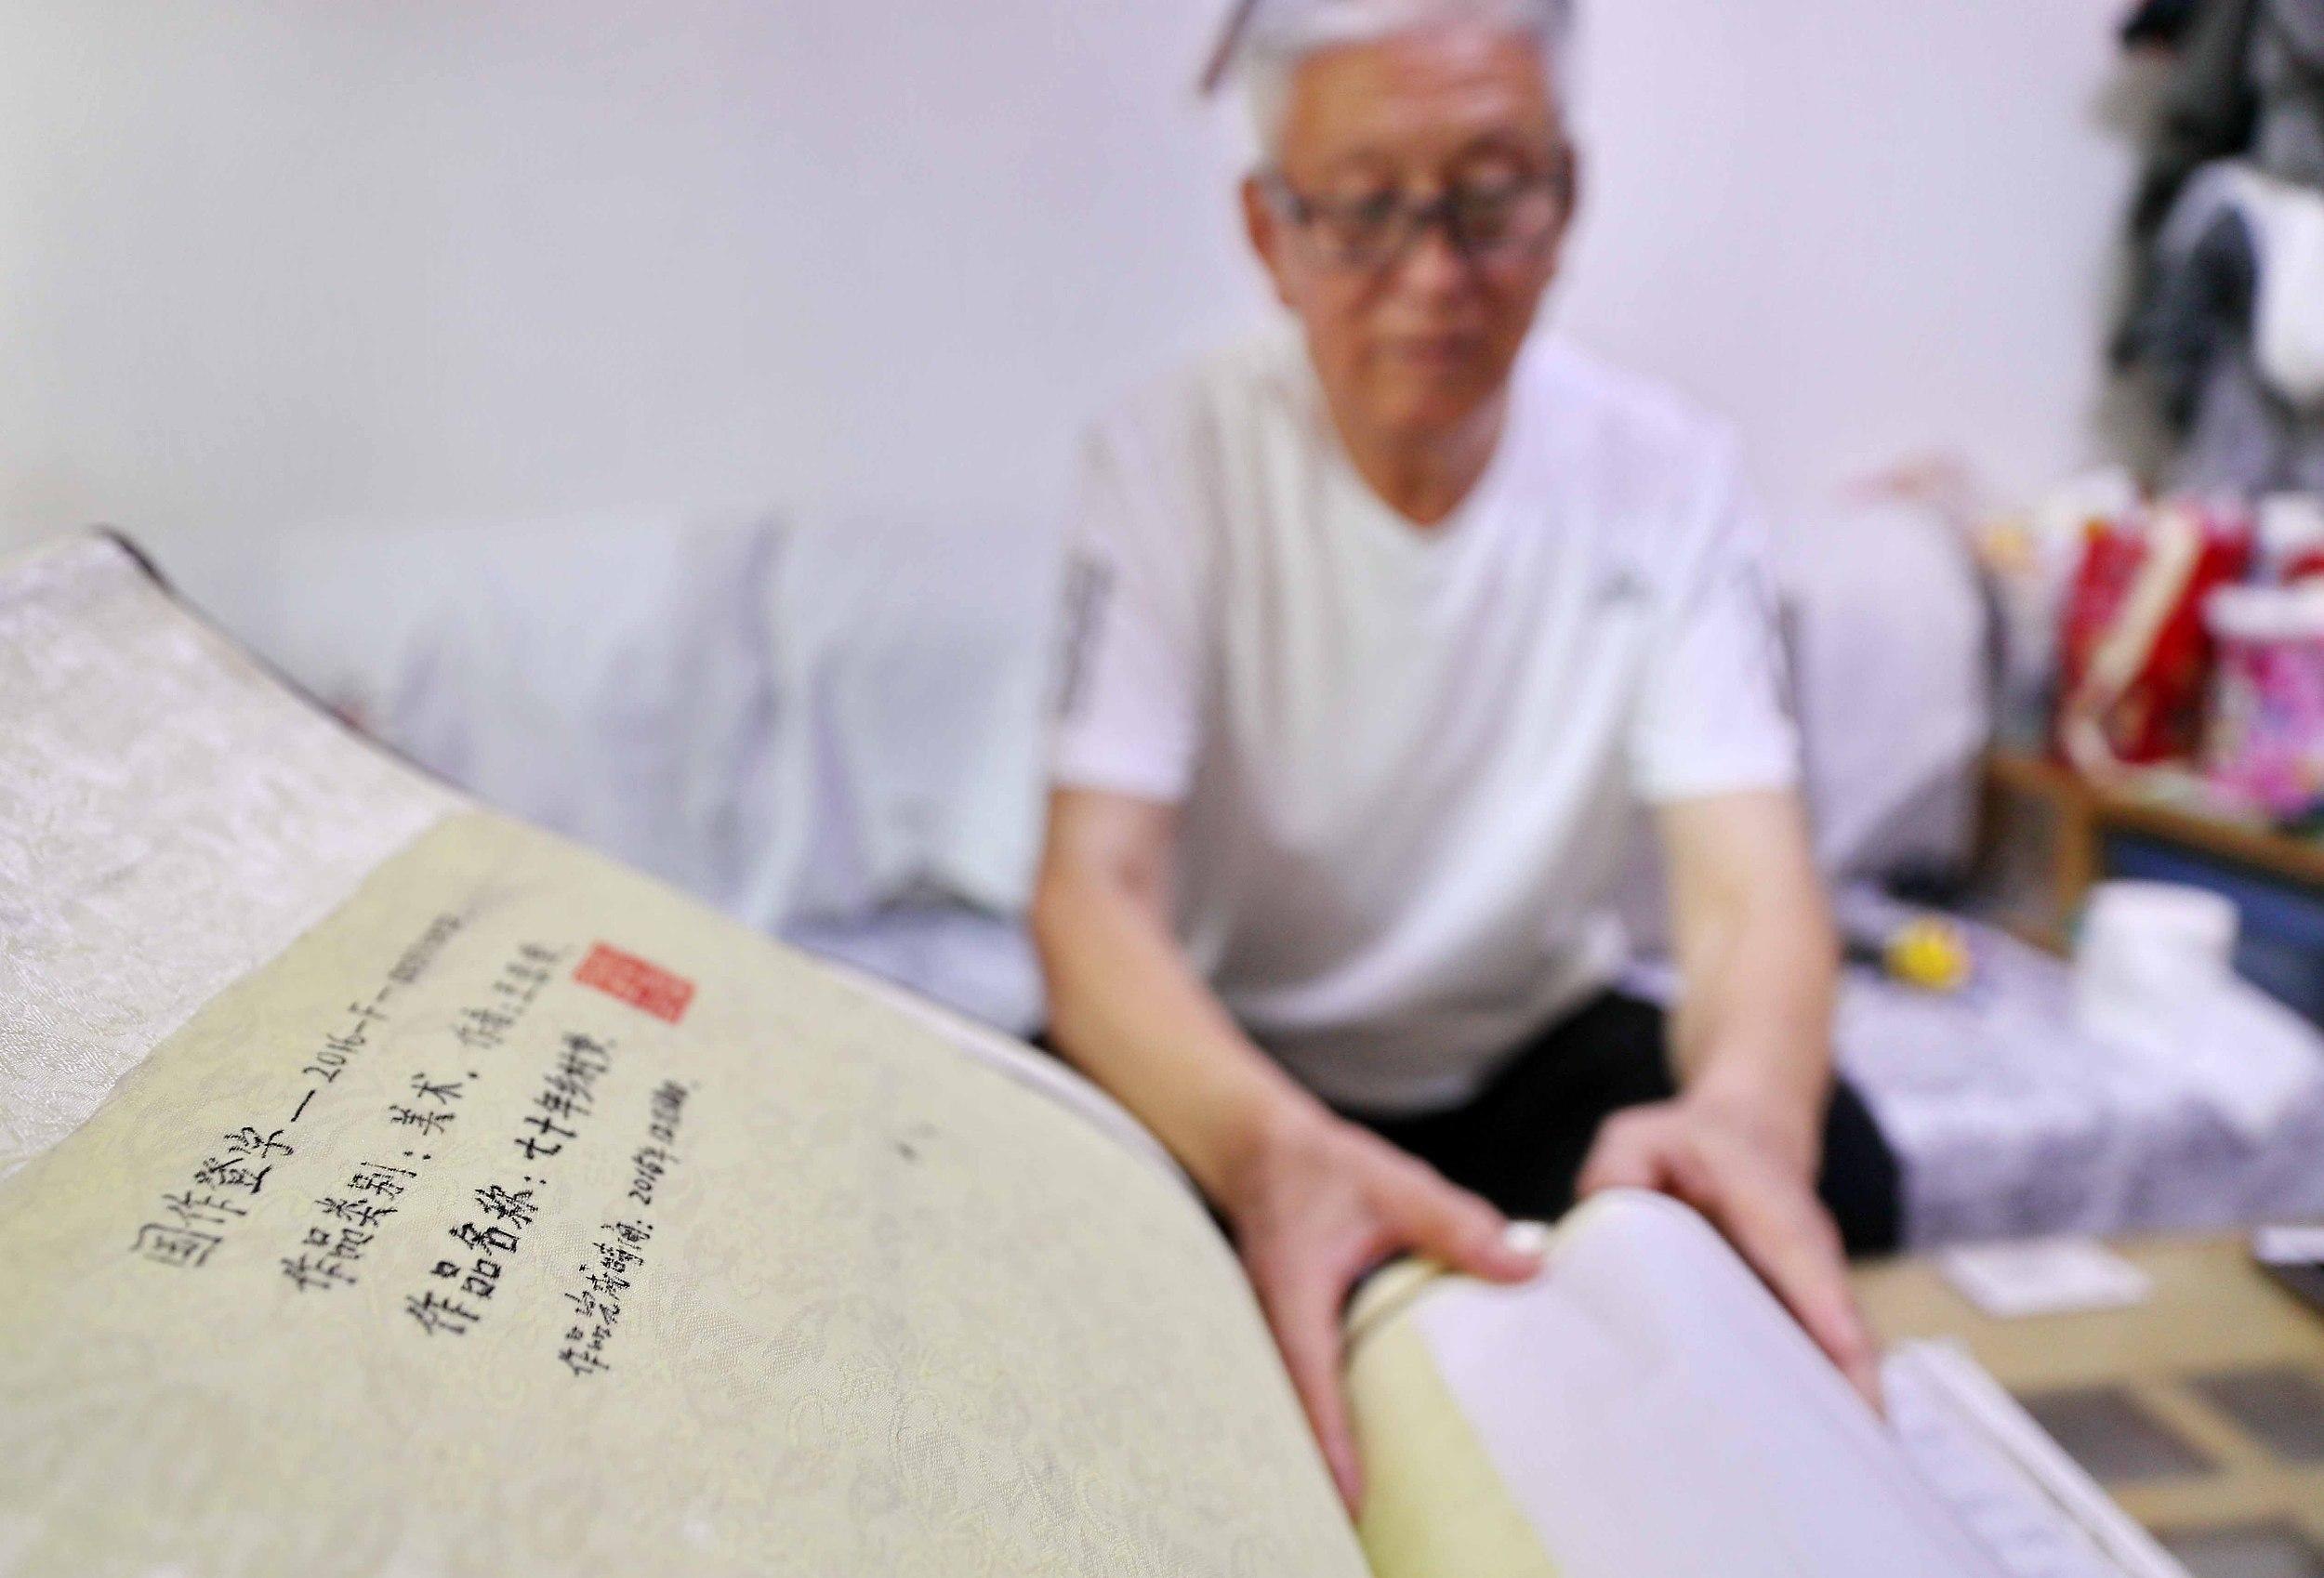 七旬翁用画笔绘出历史变迁